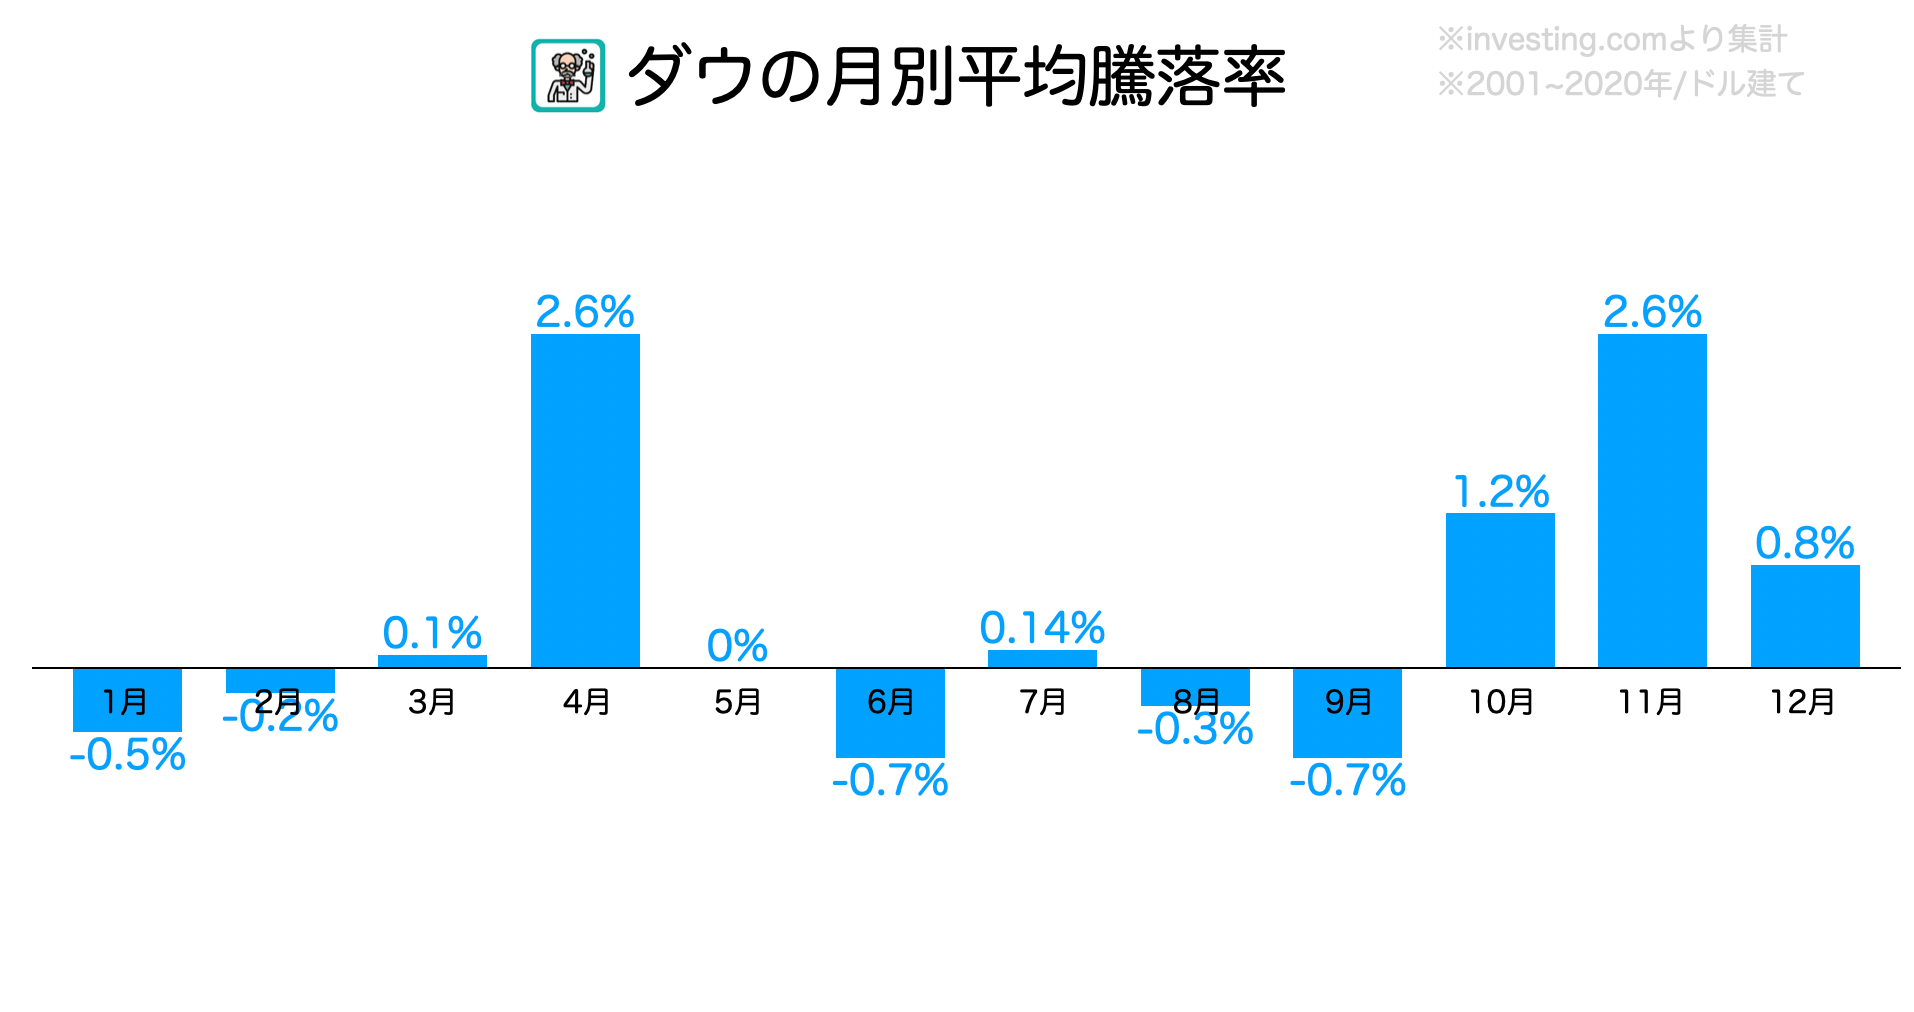 ダウ平均株価・月別平均騰落率アノマリー